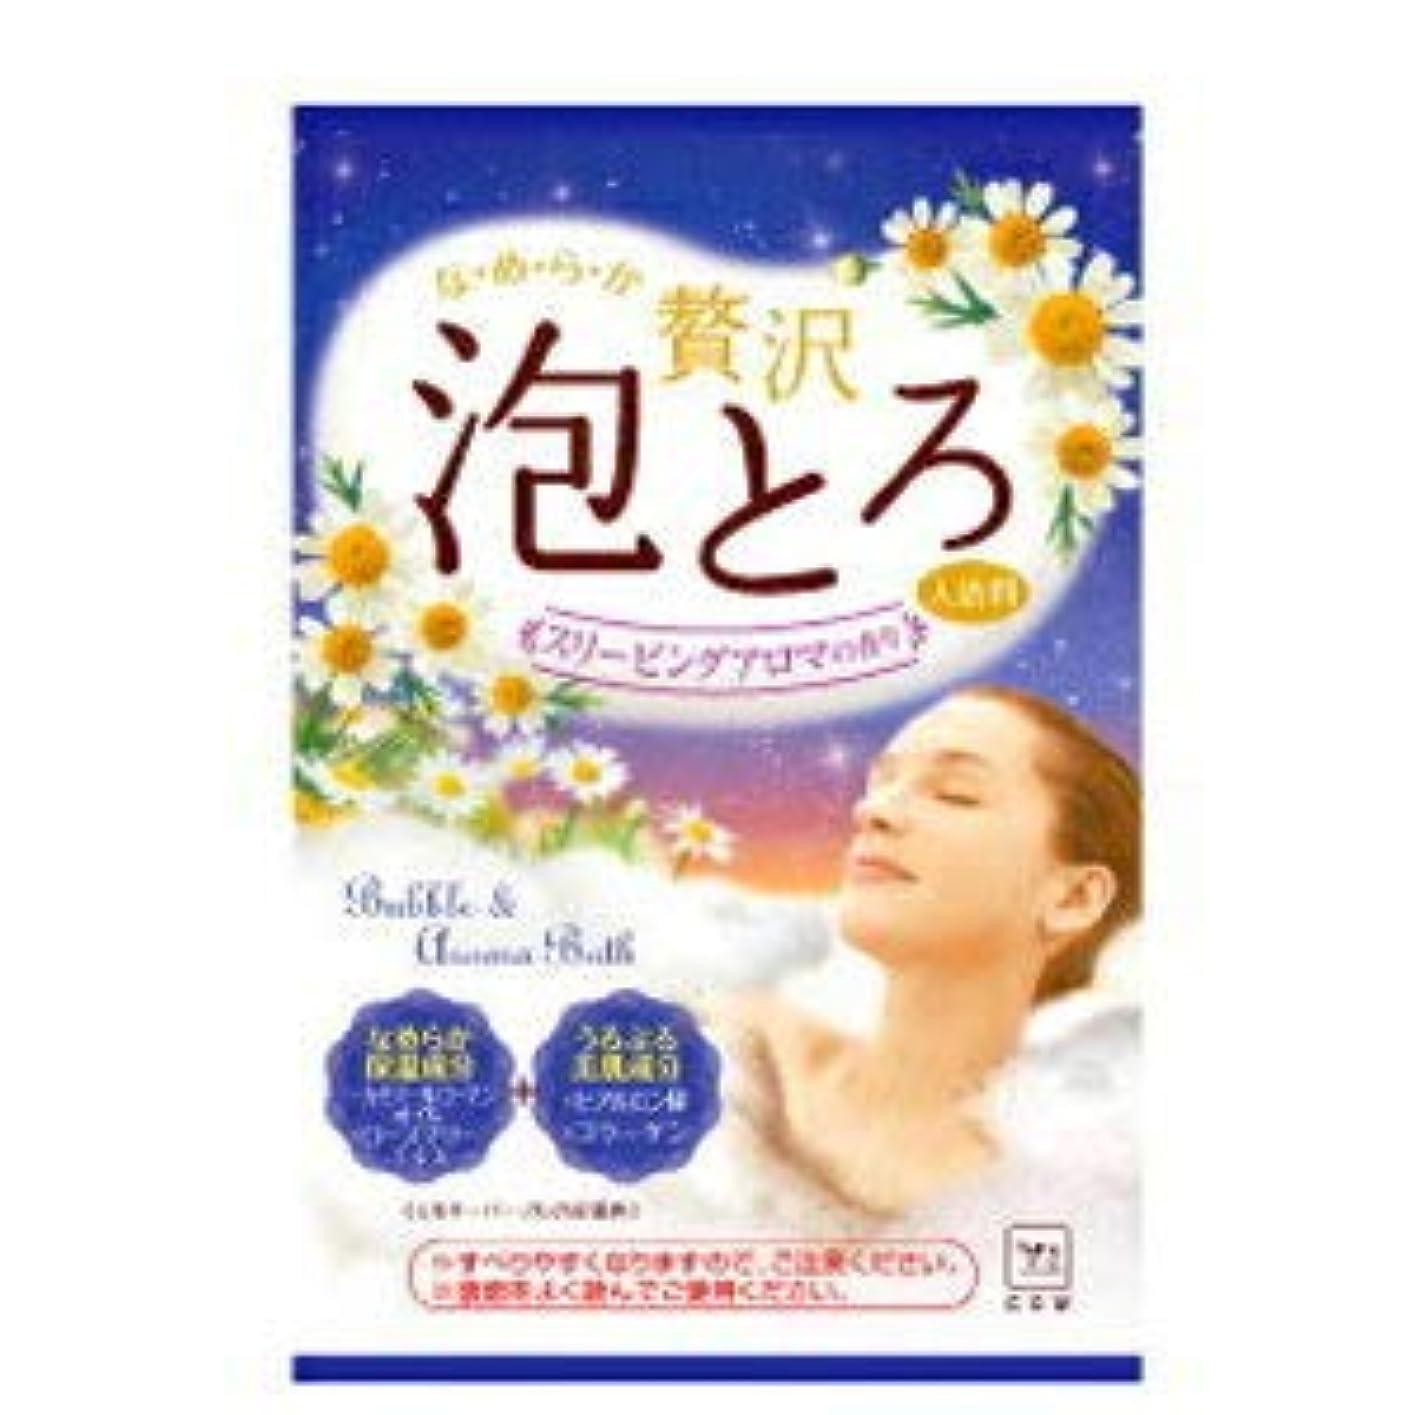 銛まつげしおれた牛乳石鹸 お湯物語 贅沢泡とろ 入浴料 スリーピングアロマ 30g 16個セット